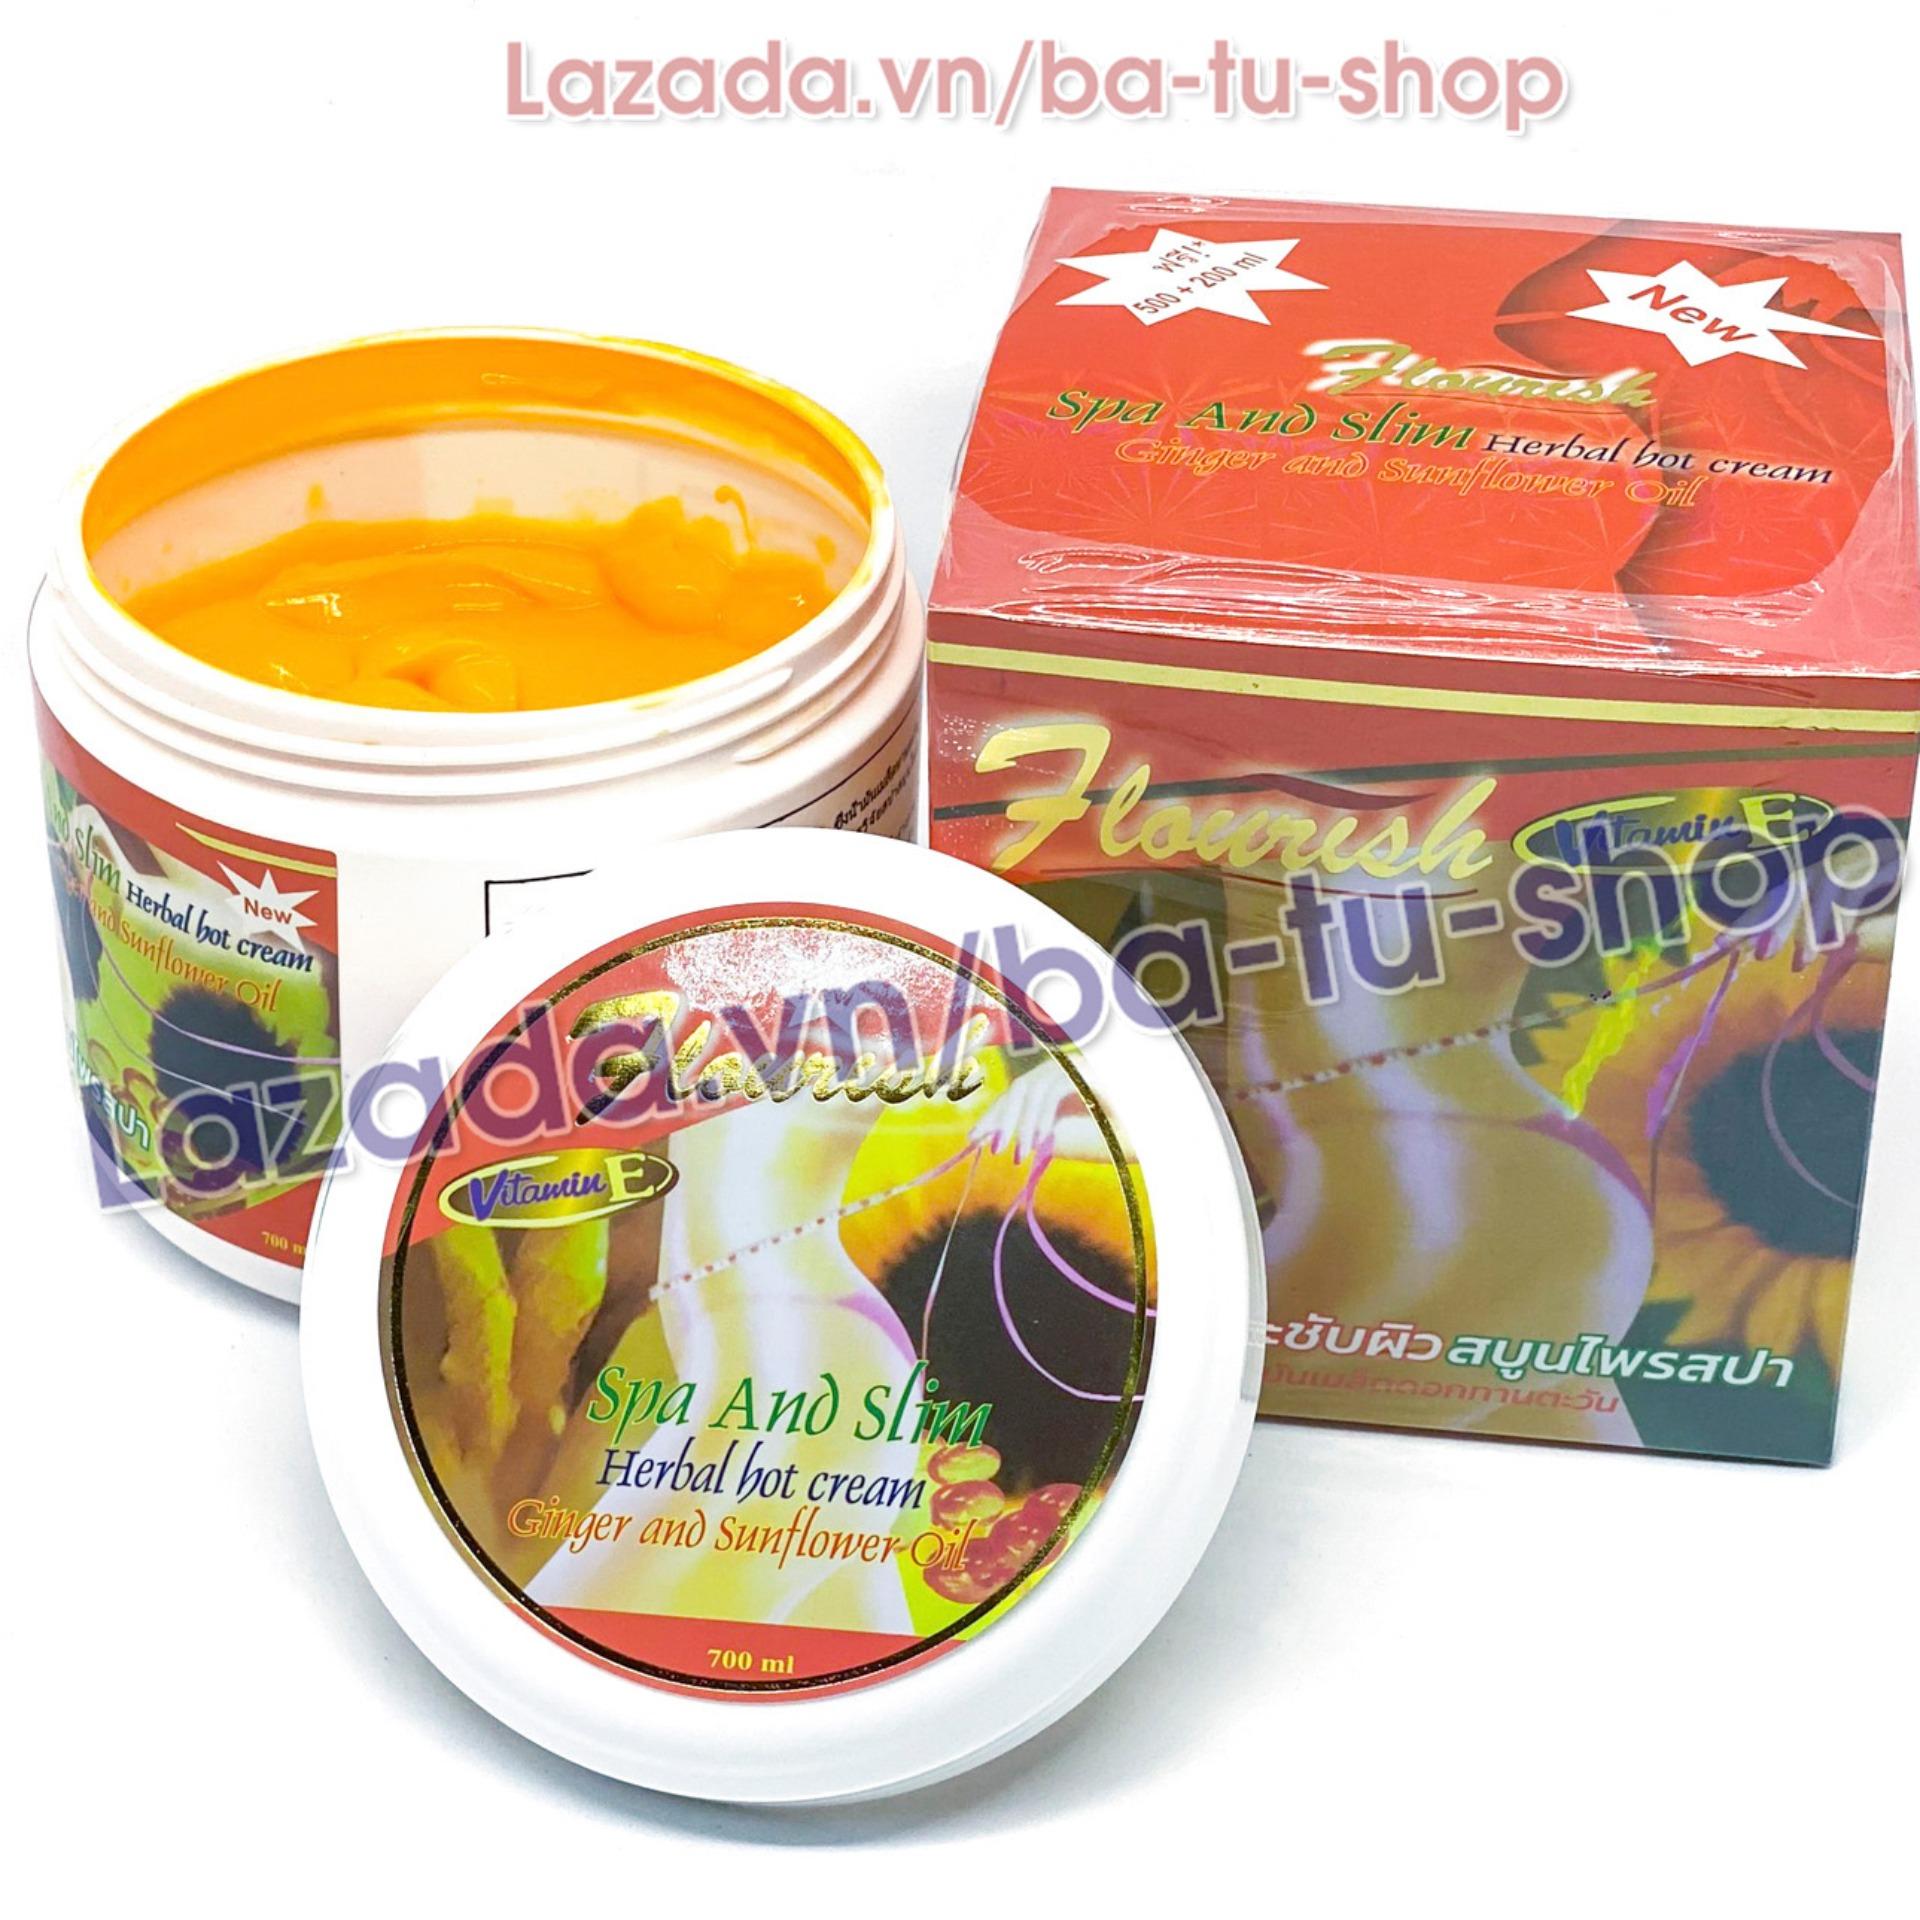 Mã Giảm Giá tại Lazada cho Kem Tan Mỡ Bụng Gừng ớt Flourish Thái Lan